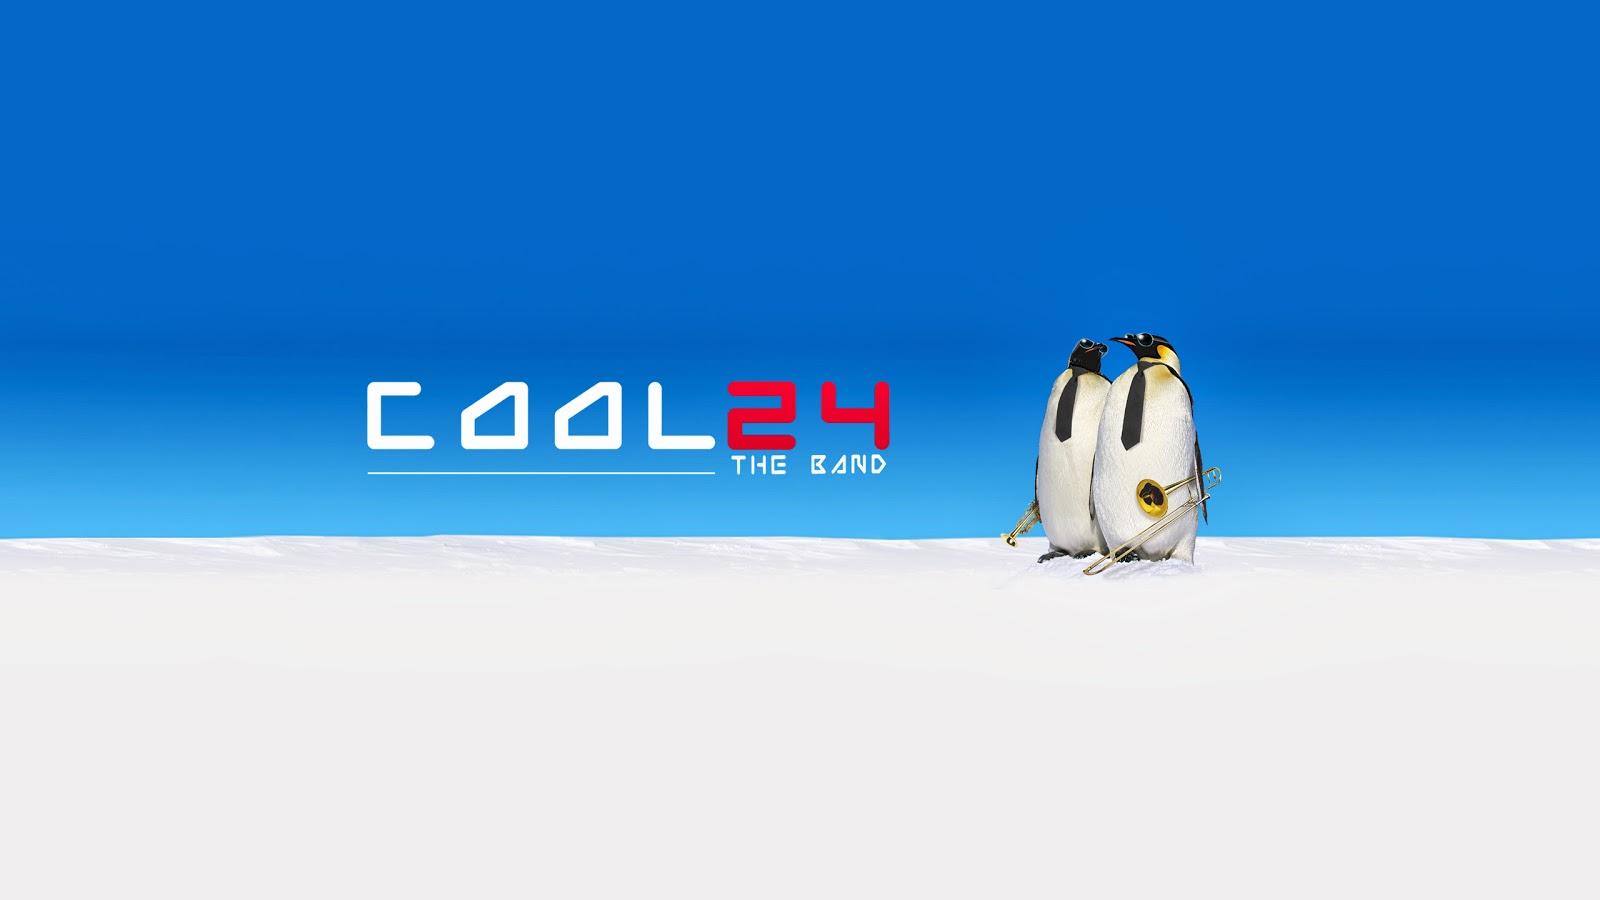 2013-09-02 - Cool24-YouTube-banner.jpg